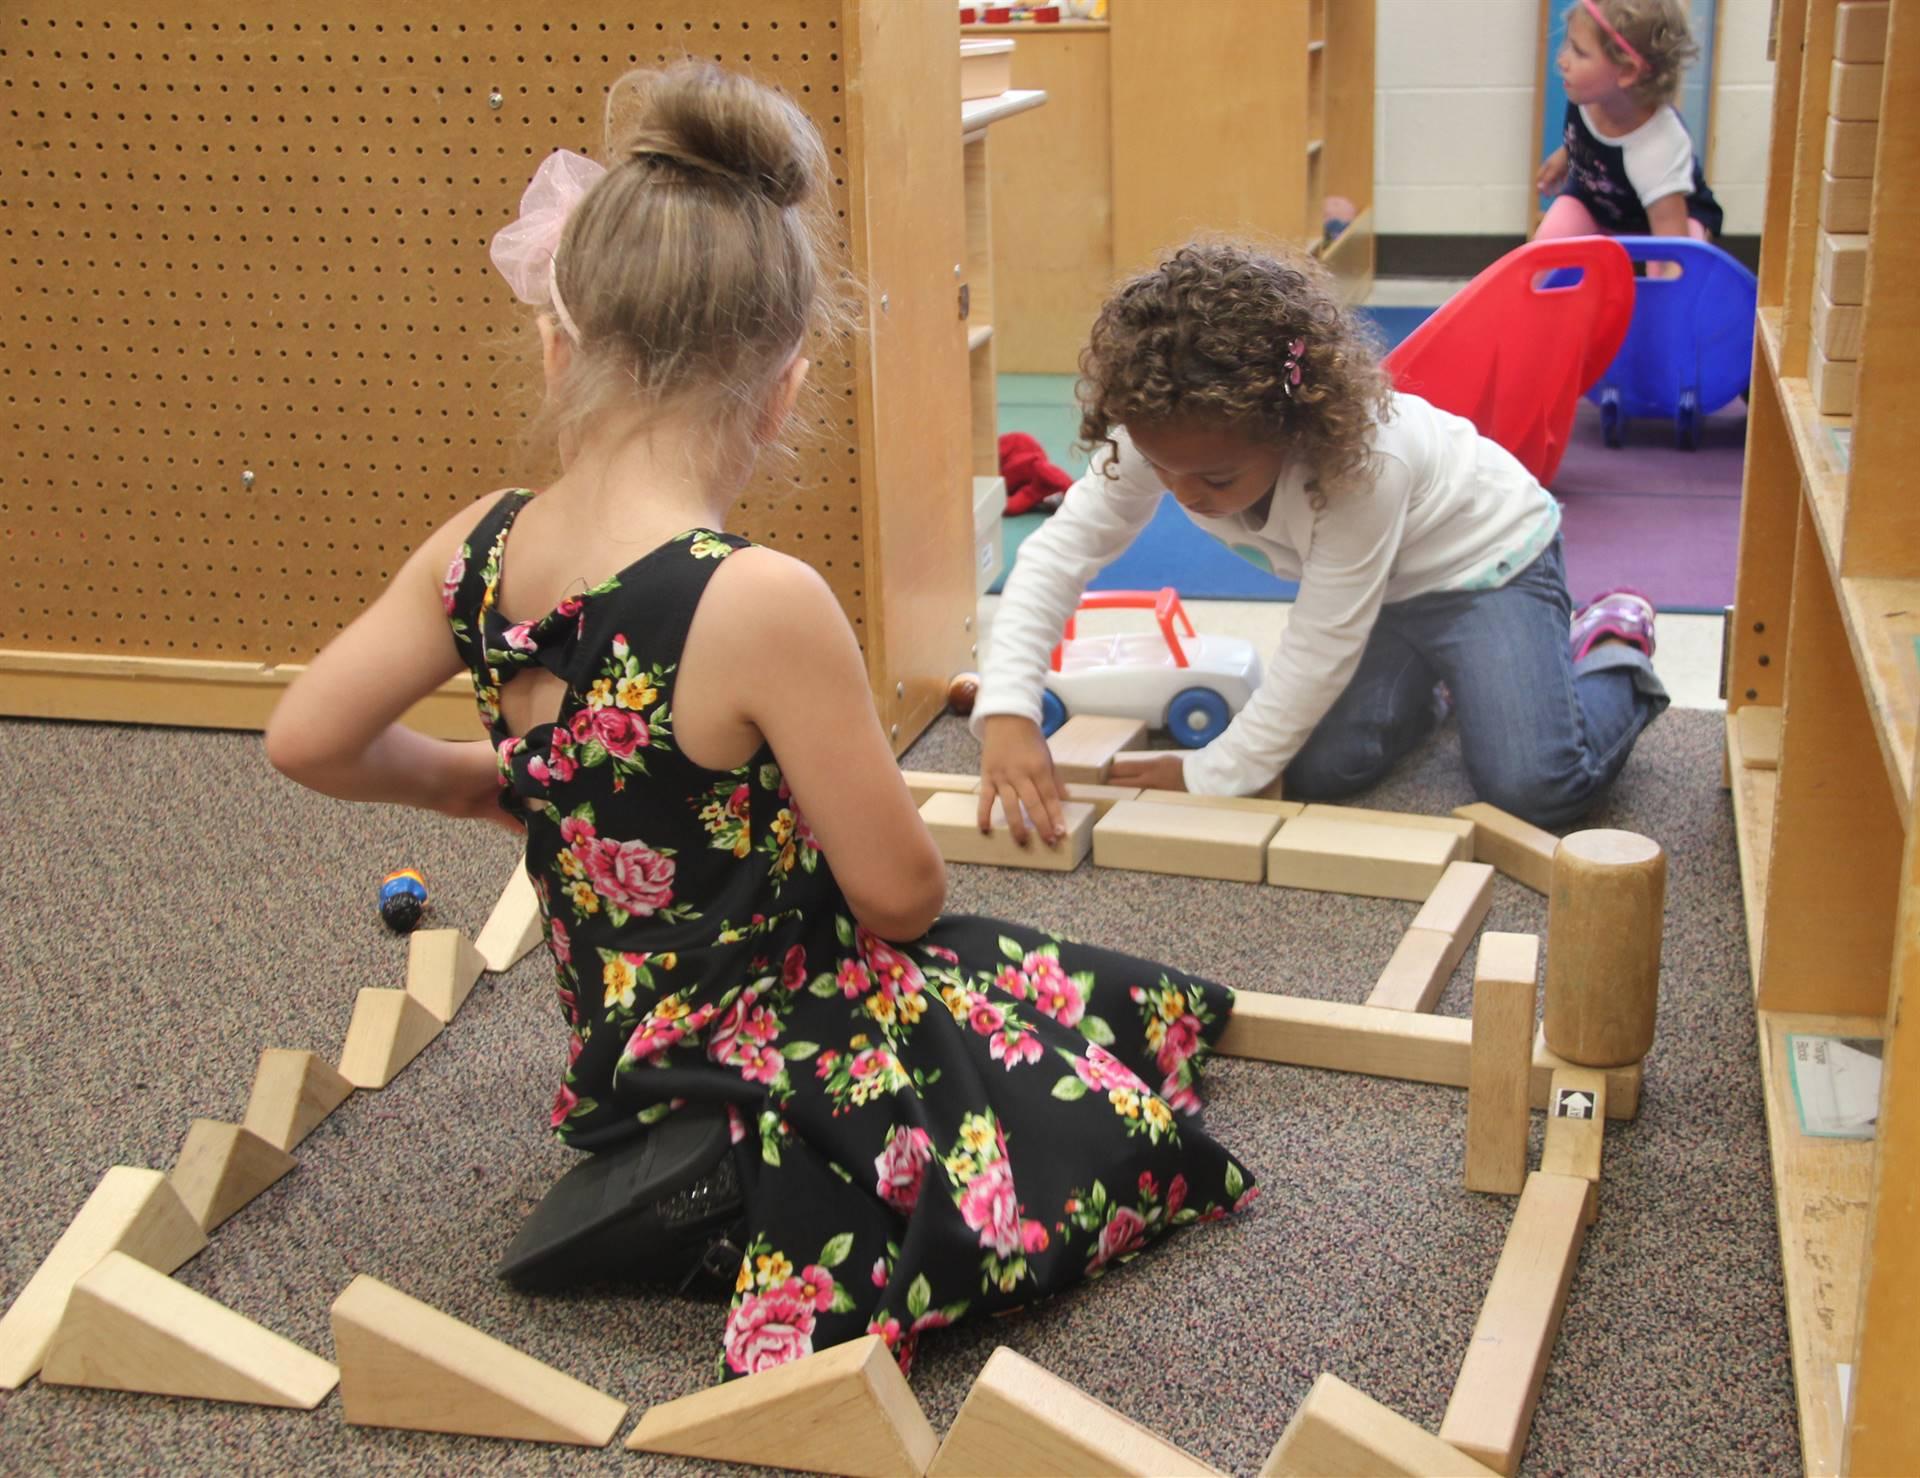 students building blocks together